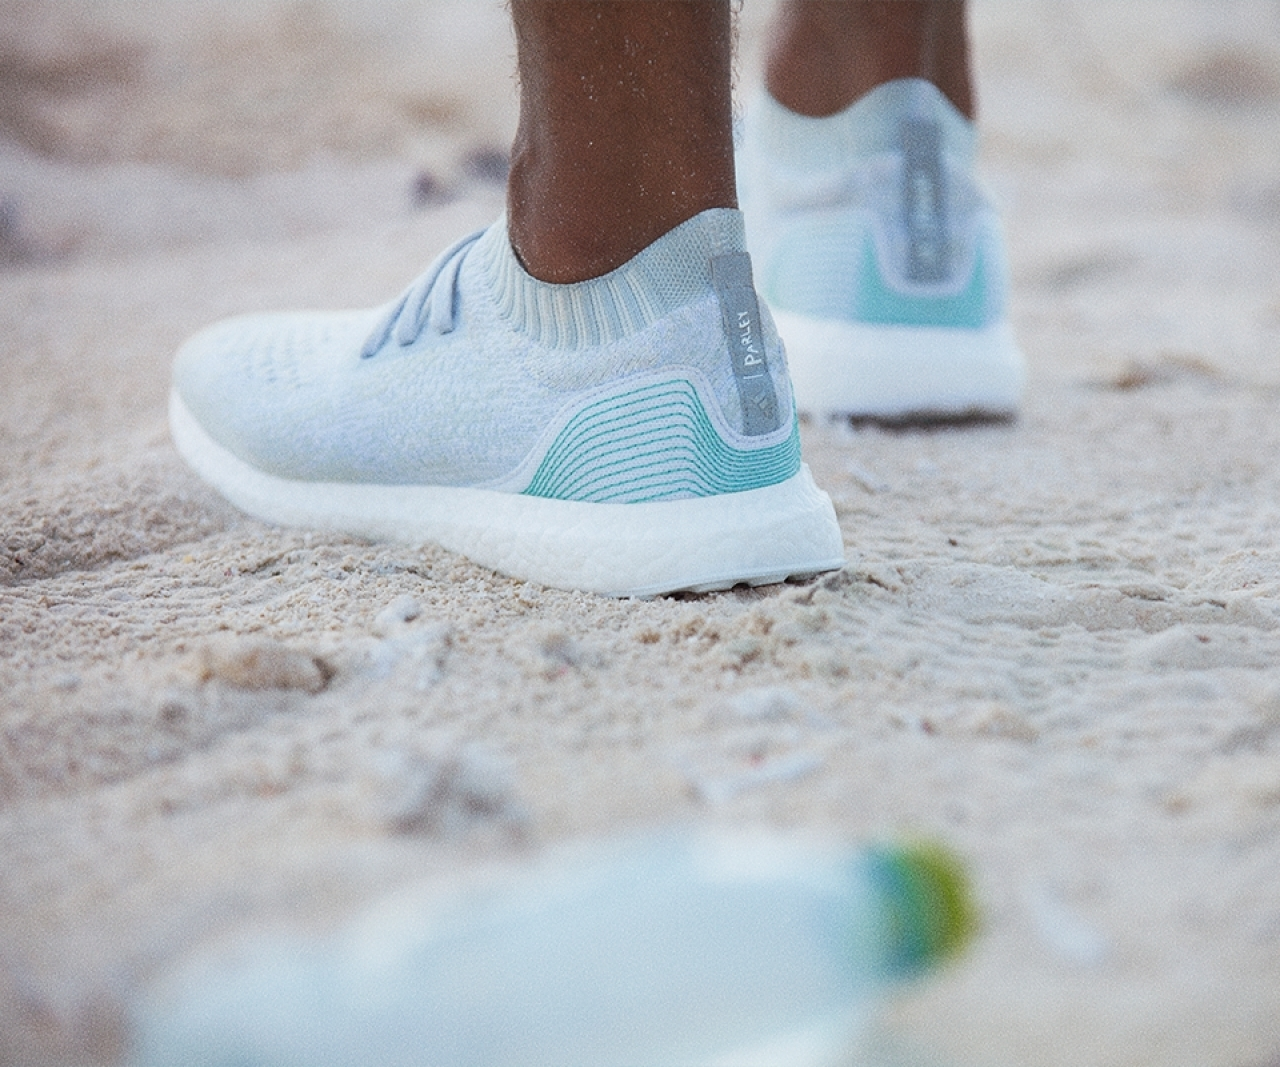 98863db9a3dde Ticinonline - Ecco le prime scarpe di plastica riciclata